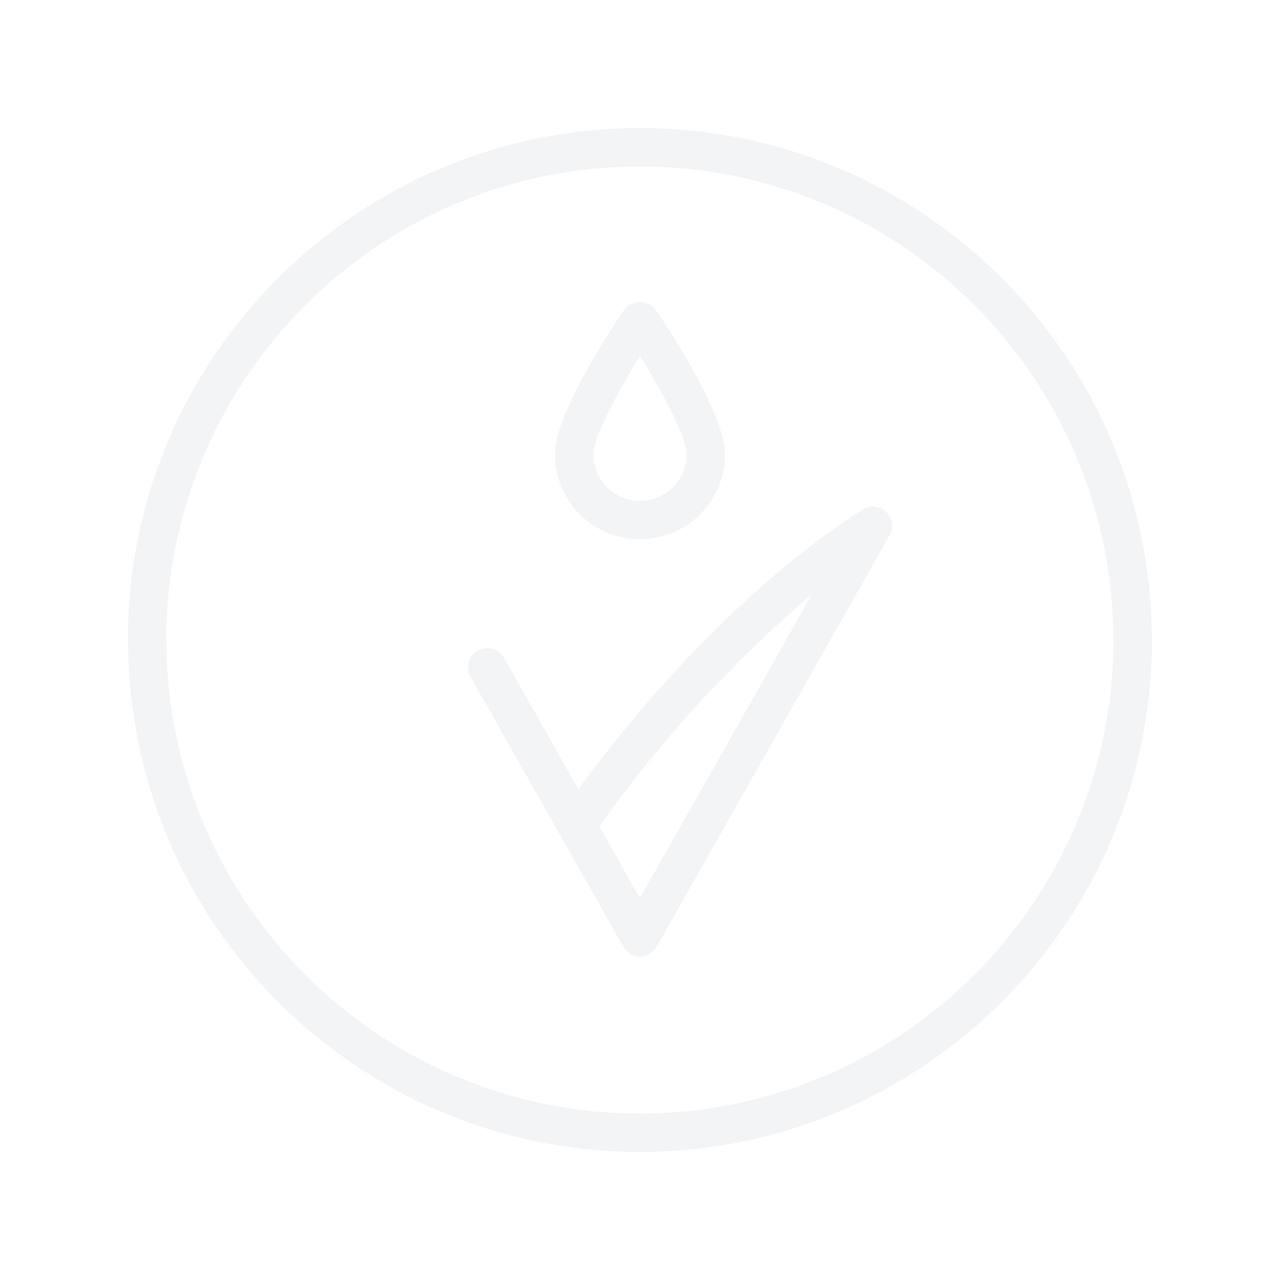 IDUN Minerals kompaktpuuder Tuva 3.5g